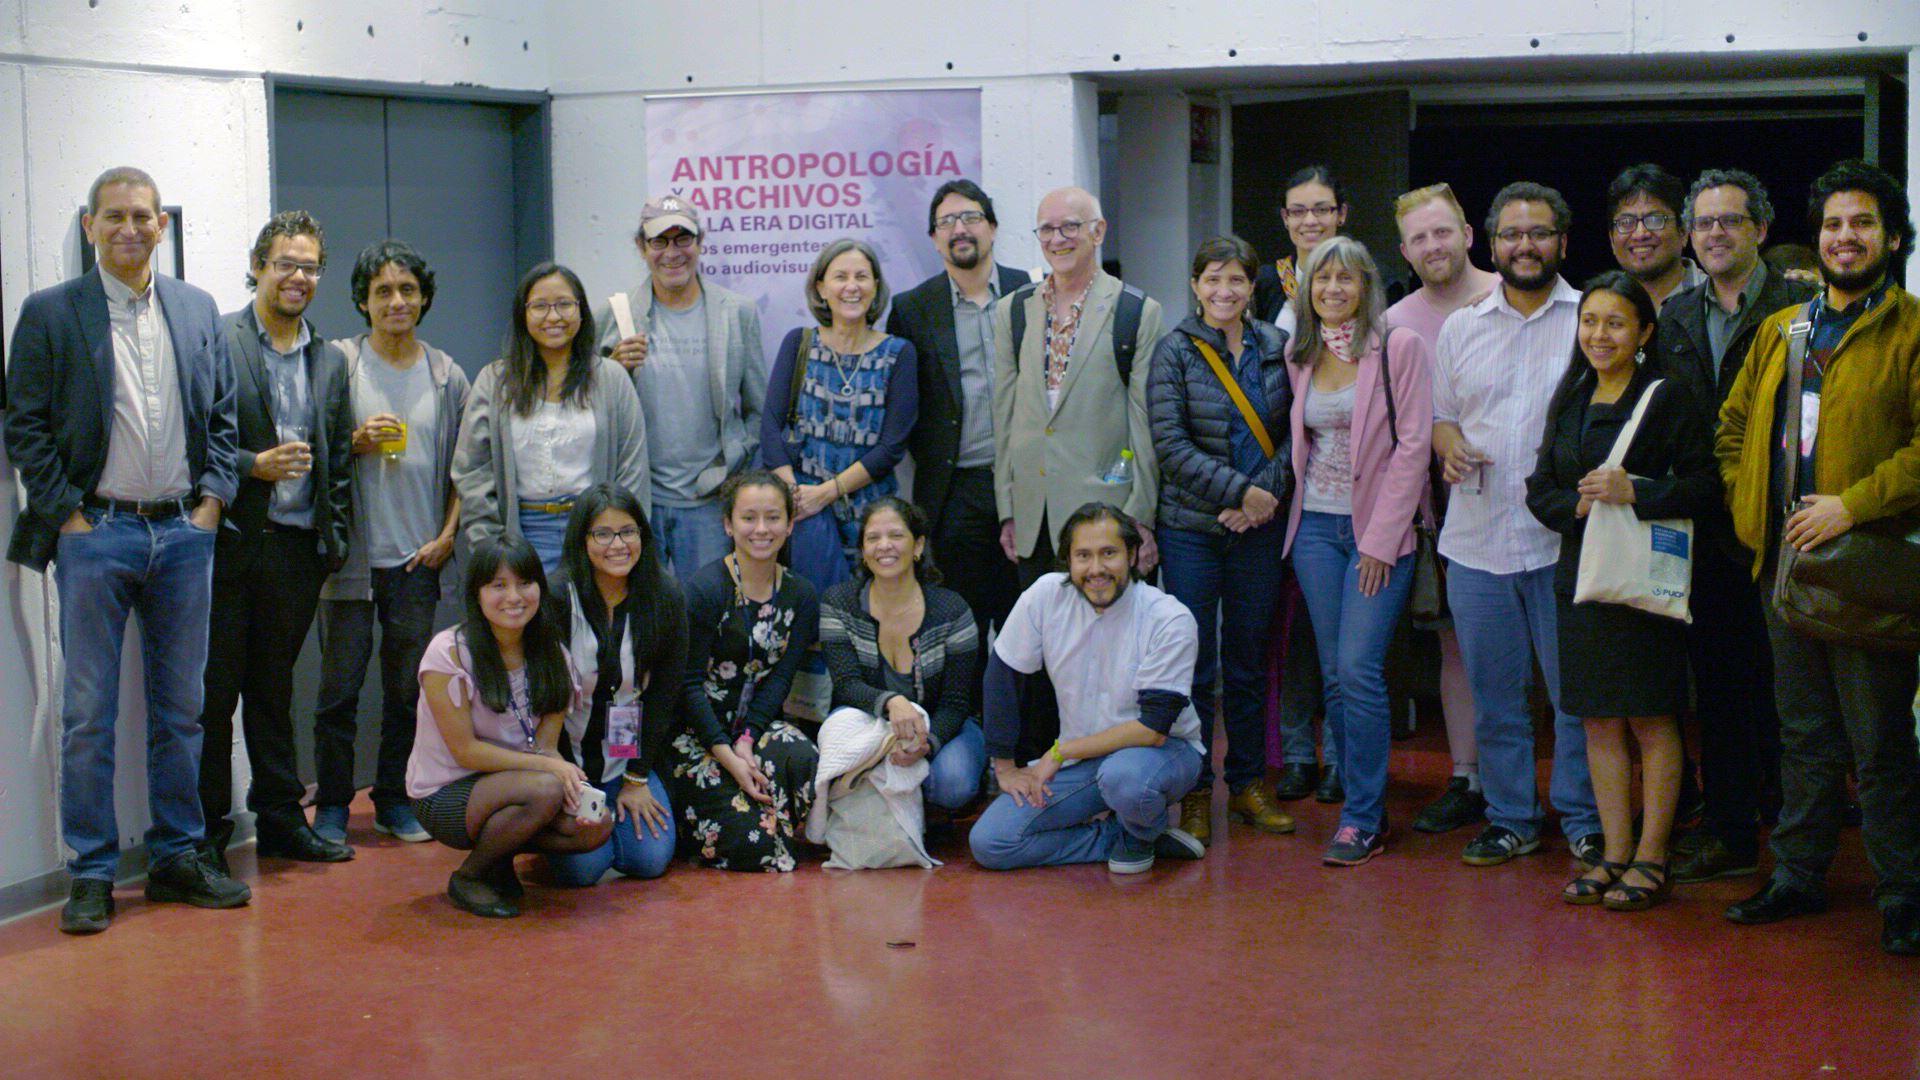 Un balance del Seminario Internacional Archivo y Antropología: Usos emergentes de lo audiovisual en América Latina